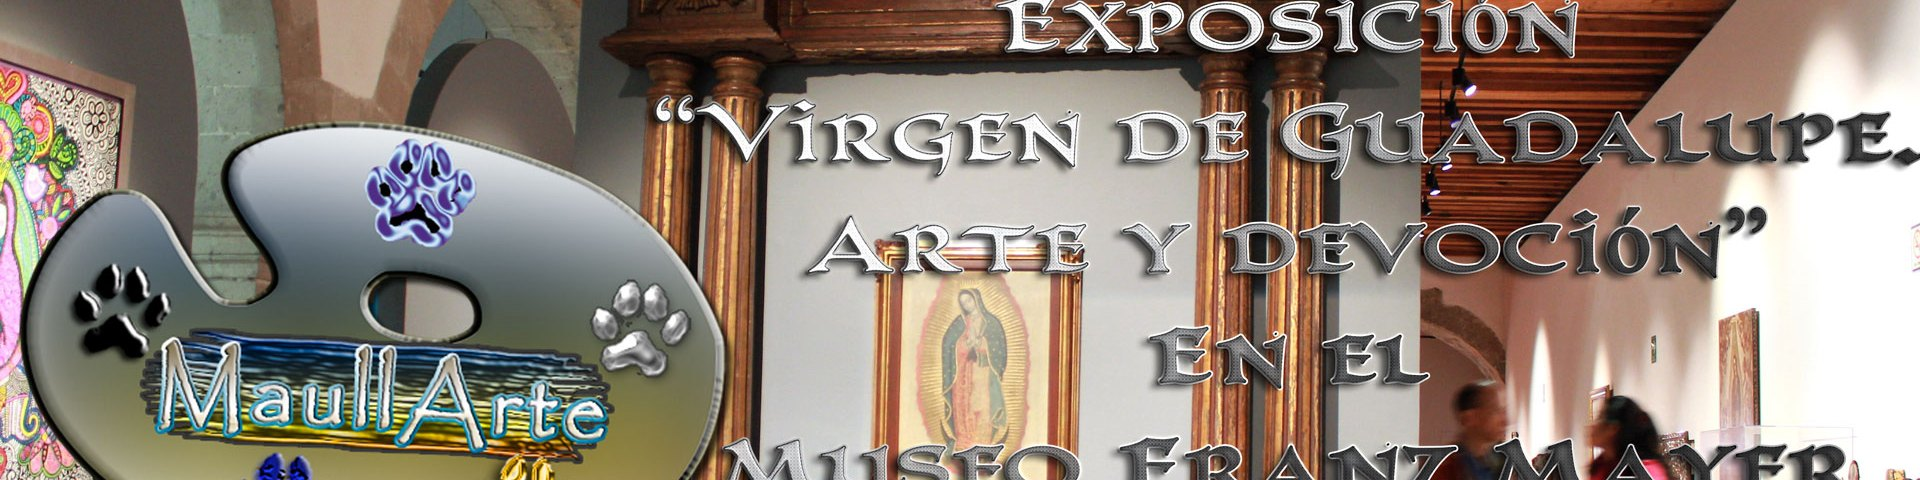 El impacto de la devoción a la Virgen de Guadalupe en el arte